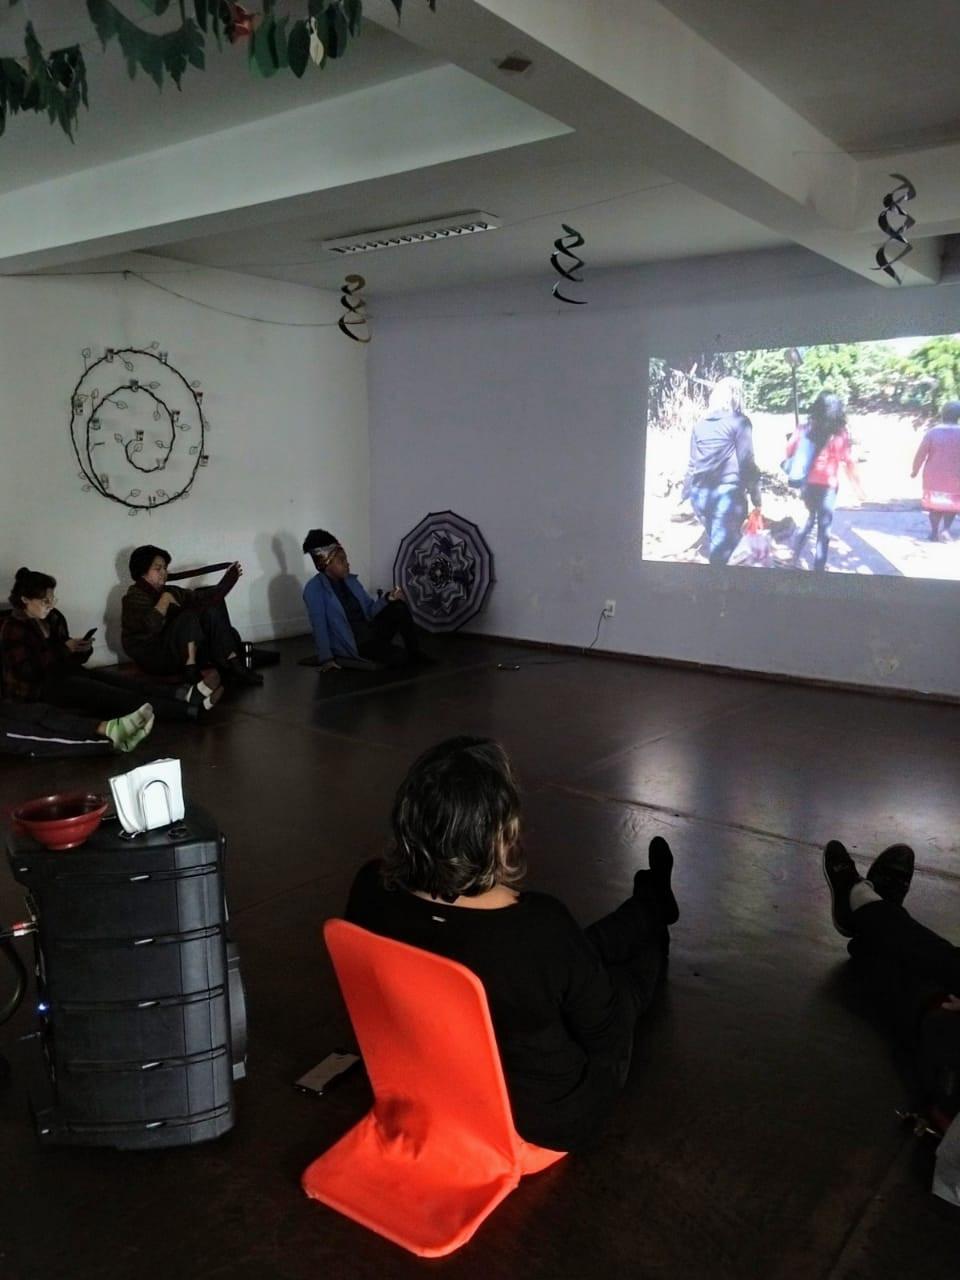 Pessoas sentadas no chão assistindo um filme projetado na parede